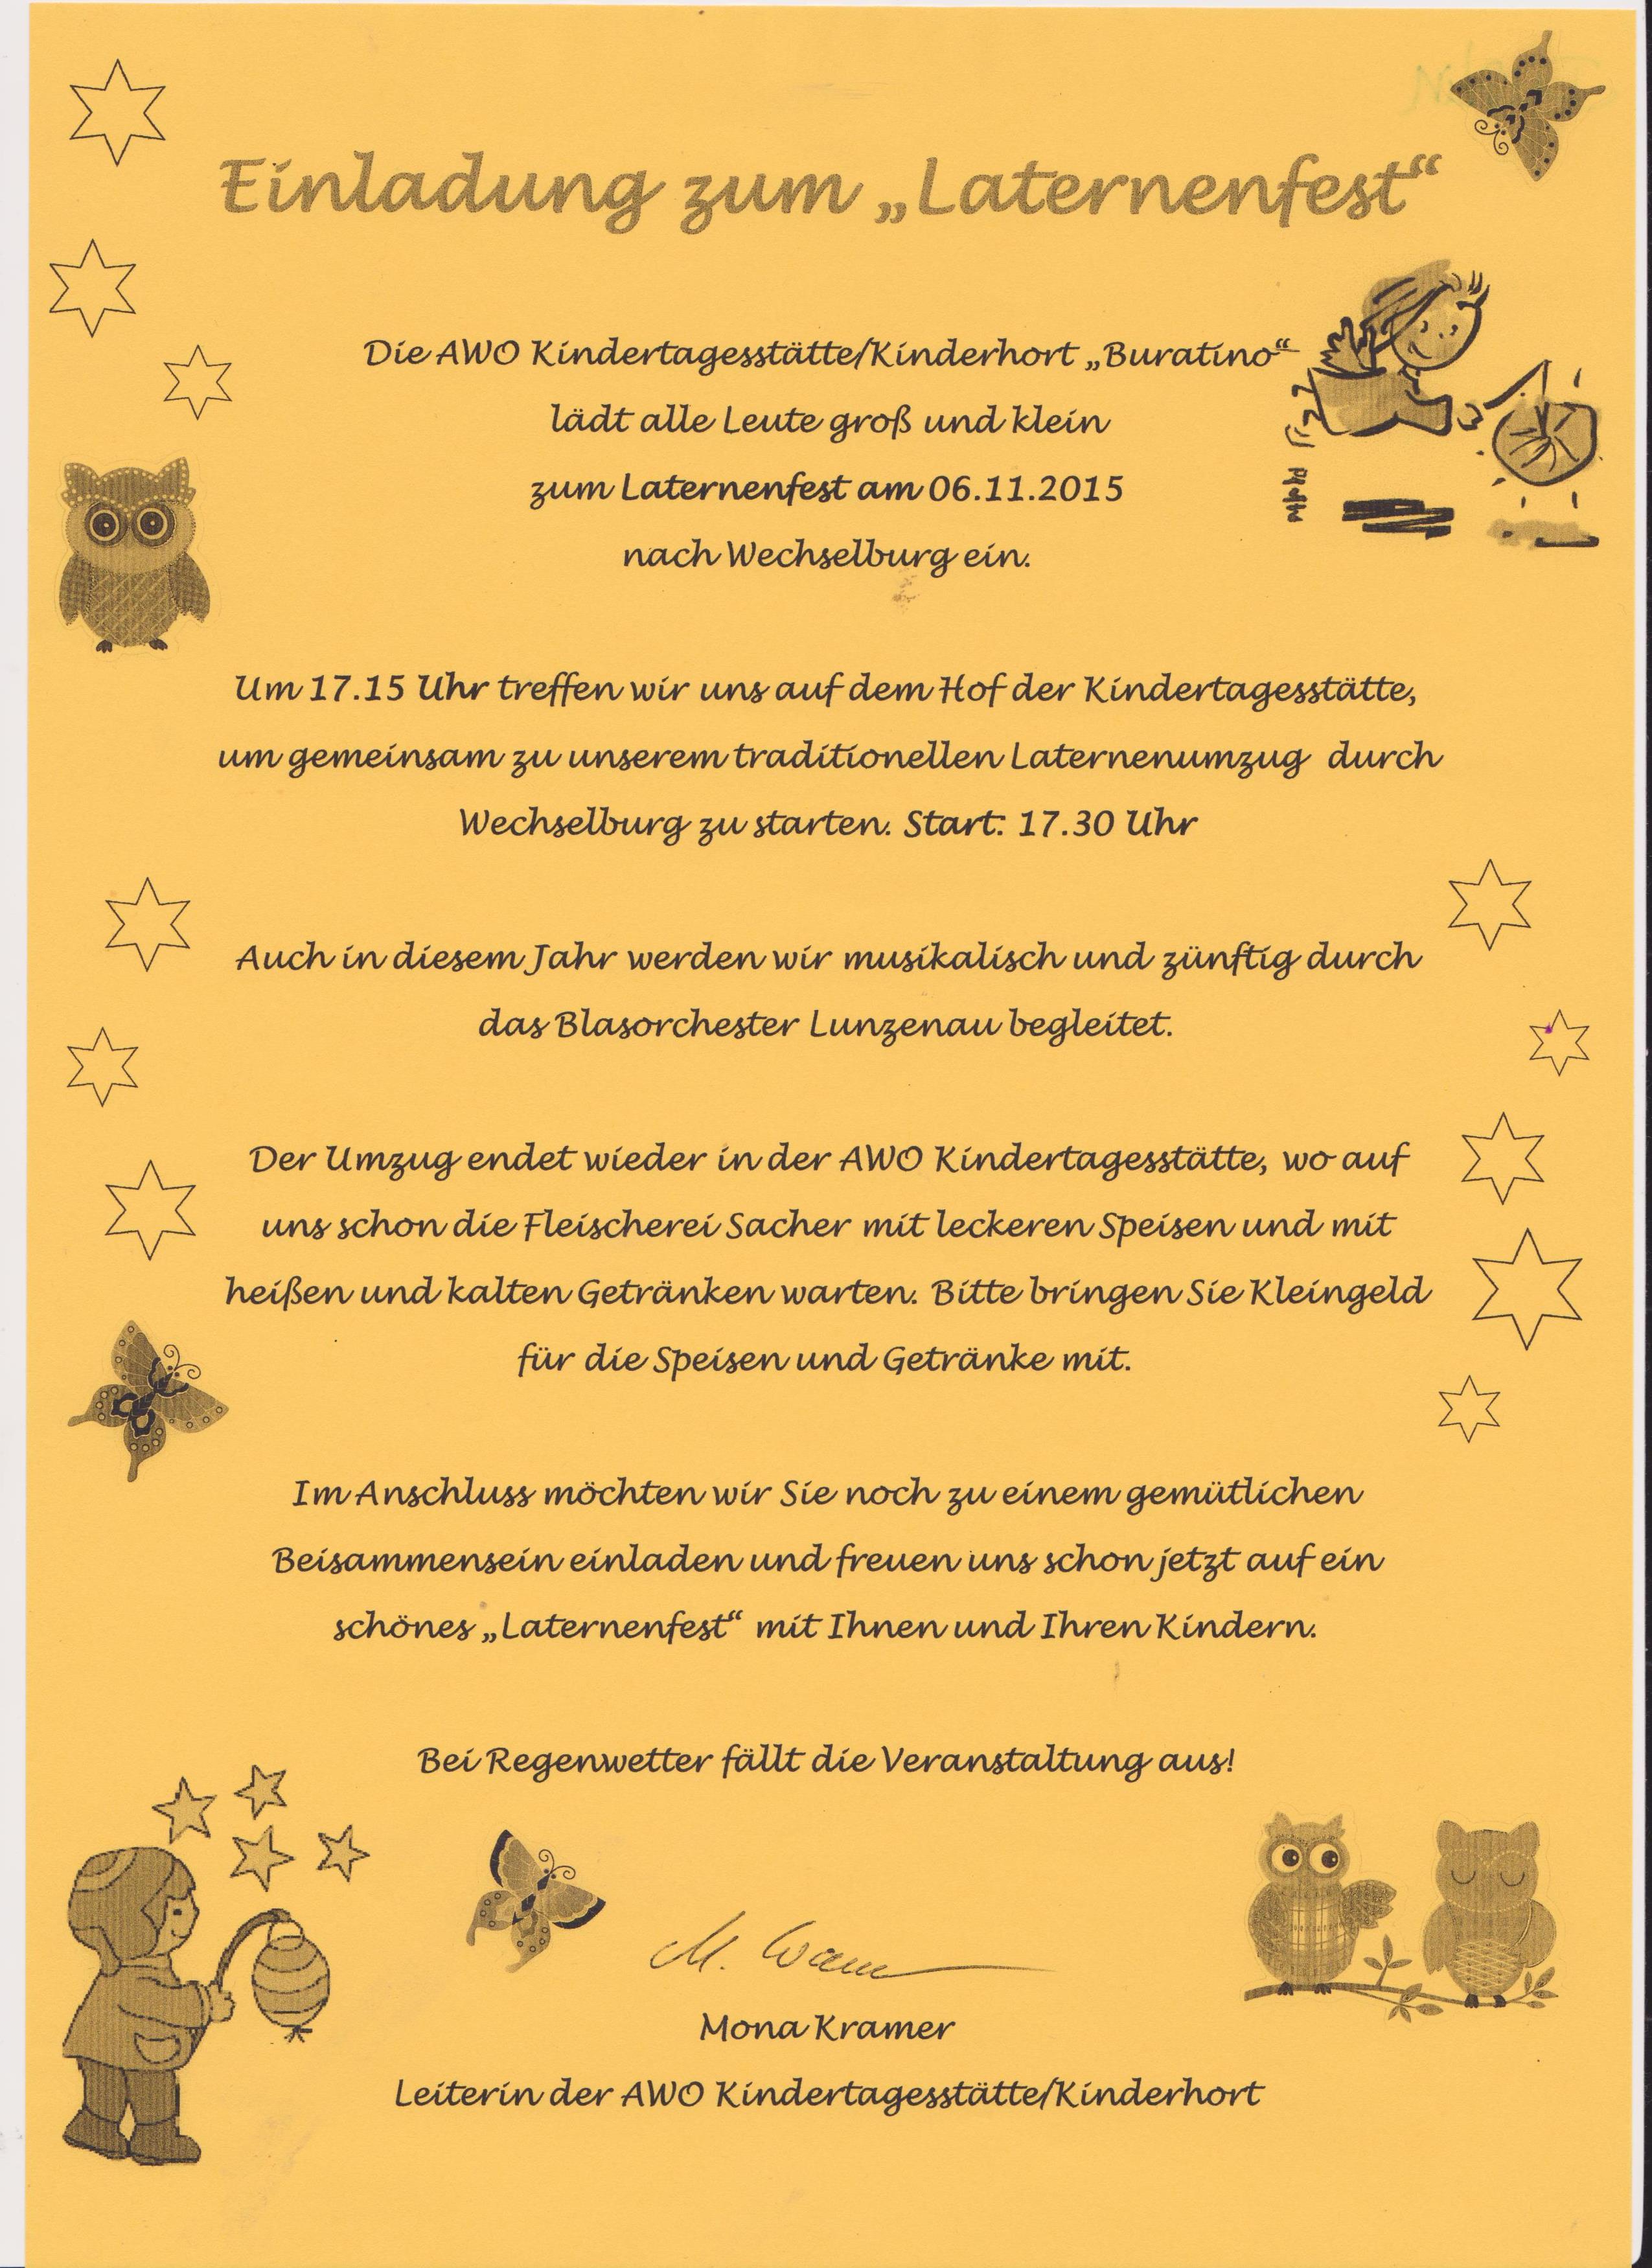 einladung weihnachtsfeier grundschule vorlage | freshideen, Einladung